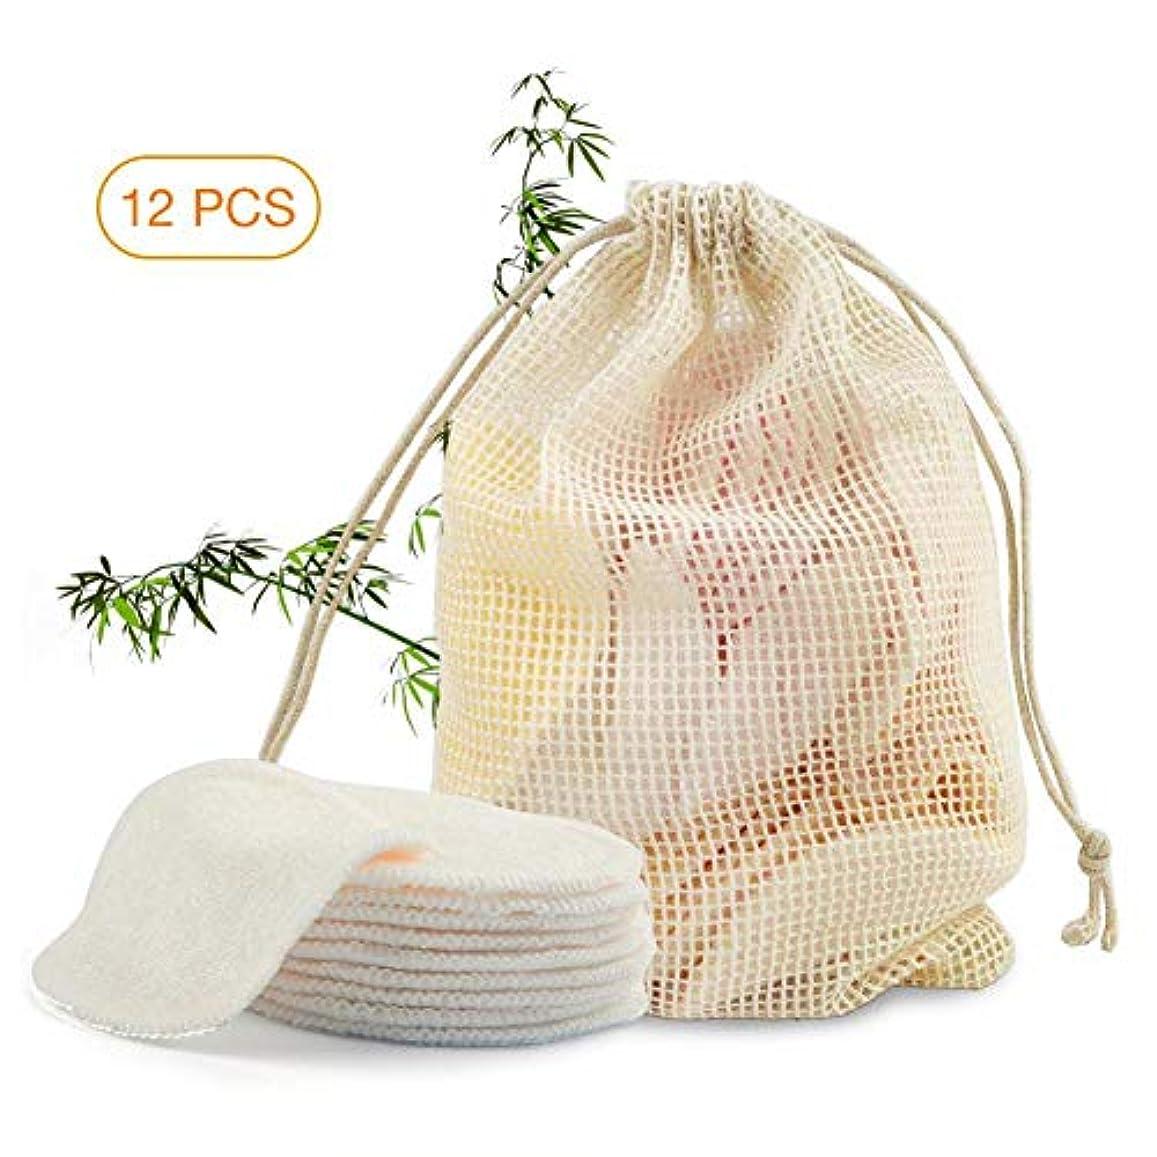 ジャンピングジャックリーガン不十分なクレンジングシート 天然繊維素材 柔らかい バッグ付き 安全 非毒性 再利用可能 交換可能 旅行用